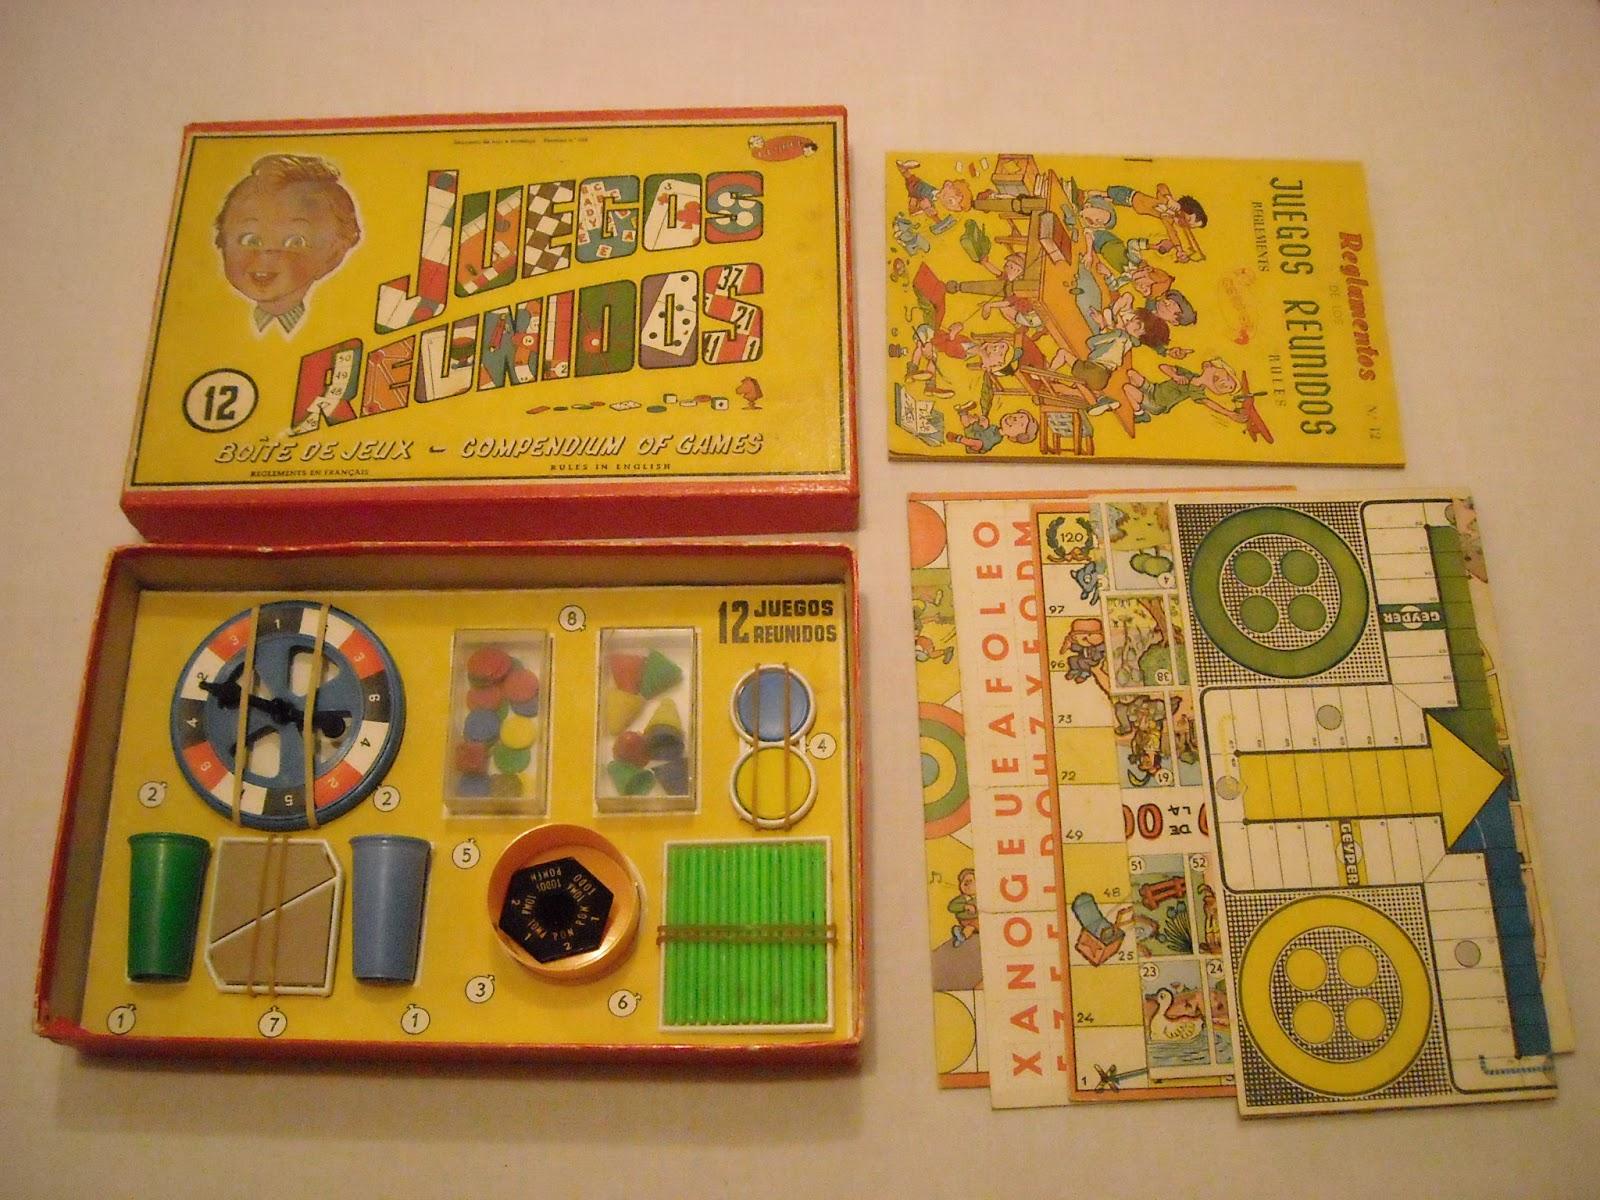 juegos reunidos geyper 60 50